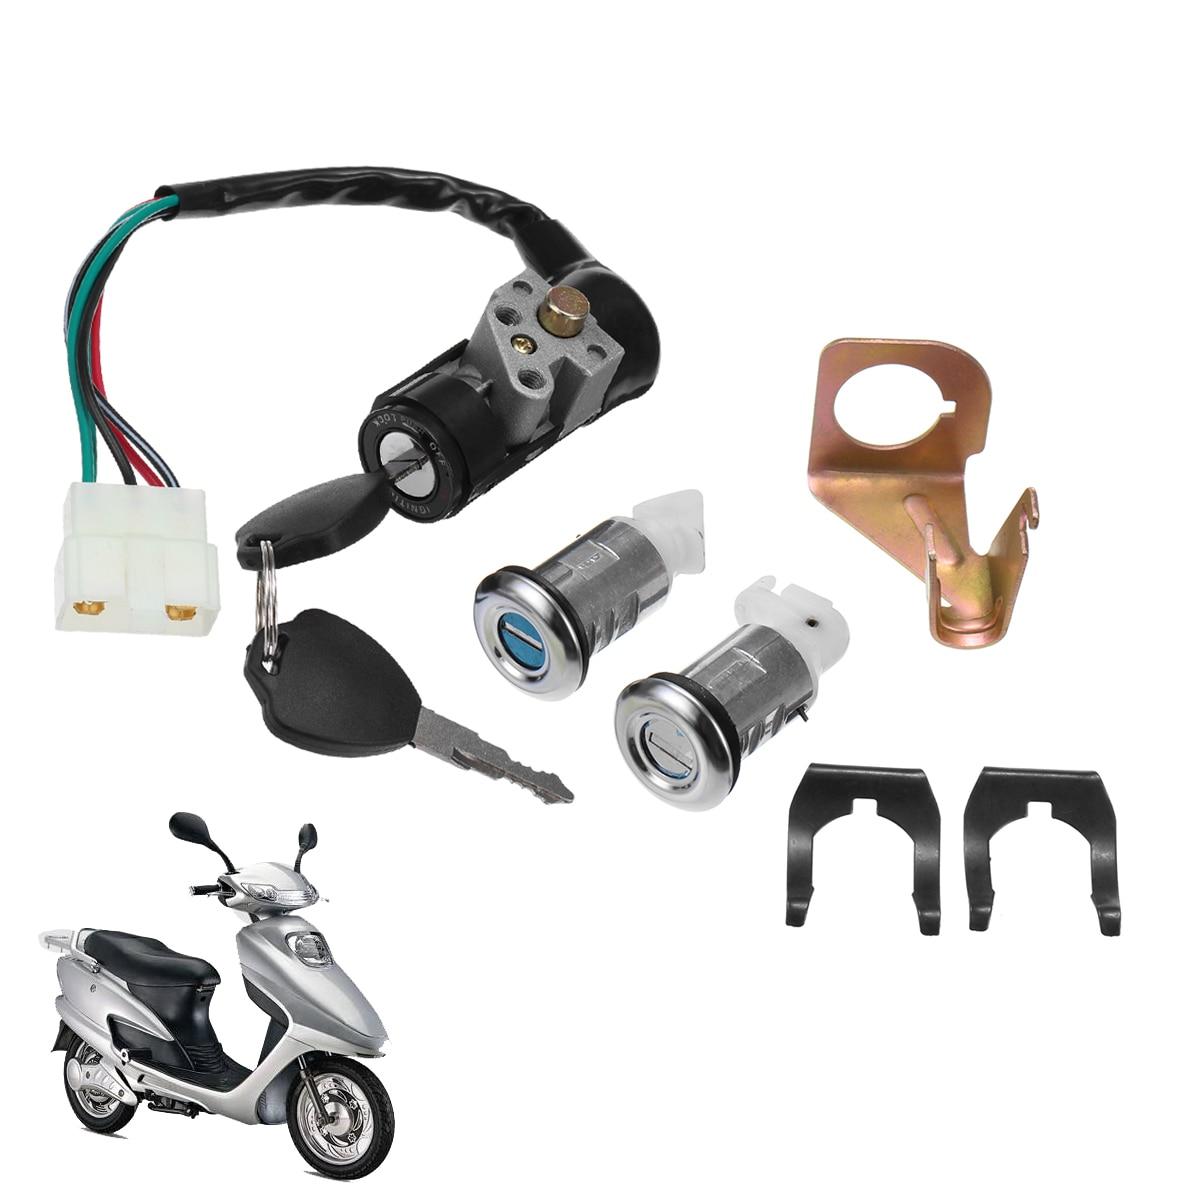 Ignition Switch Key Switch ETON Sport 150 Scooter with 2 keys